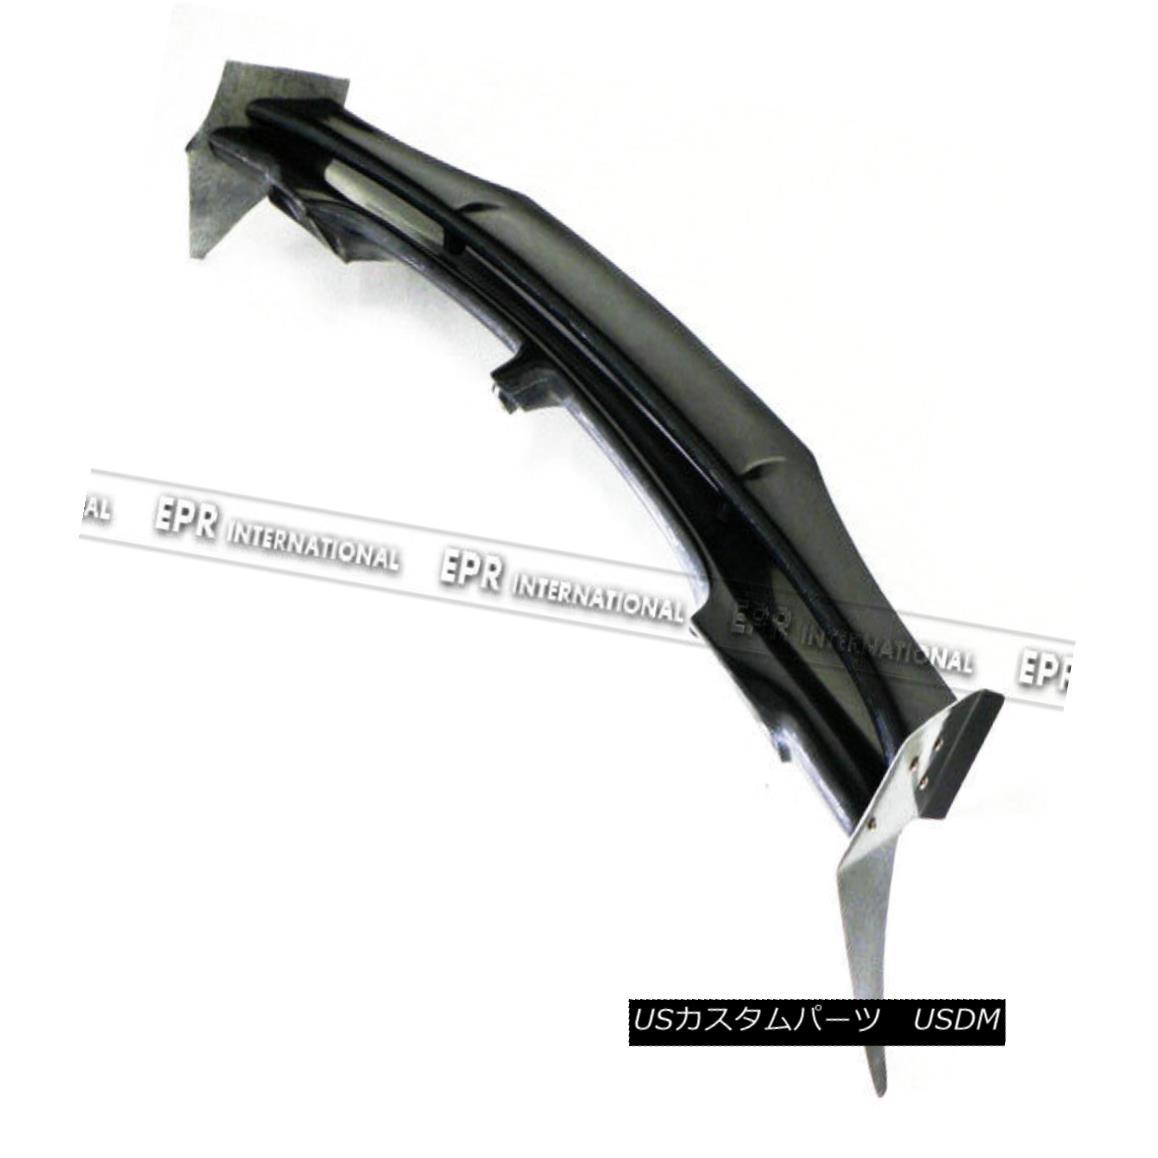 エアロパーツ AER 4pcs Rear Roof Spoiler Lip For Mini Cooper 06-13 S R56 D-AG Style Carbon FRP ミニクーパー用AER 4pcsリアルーフスポイラーリップ06-13 S R56 D-AGスタイルカーボンFRP